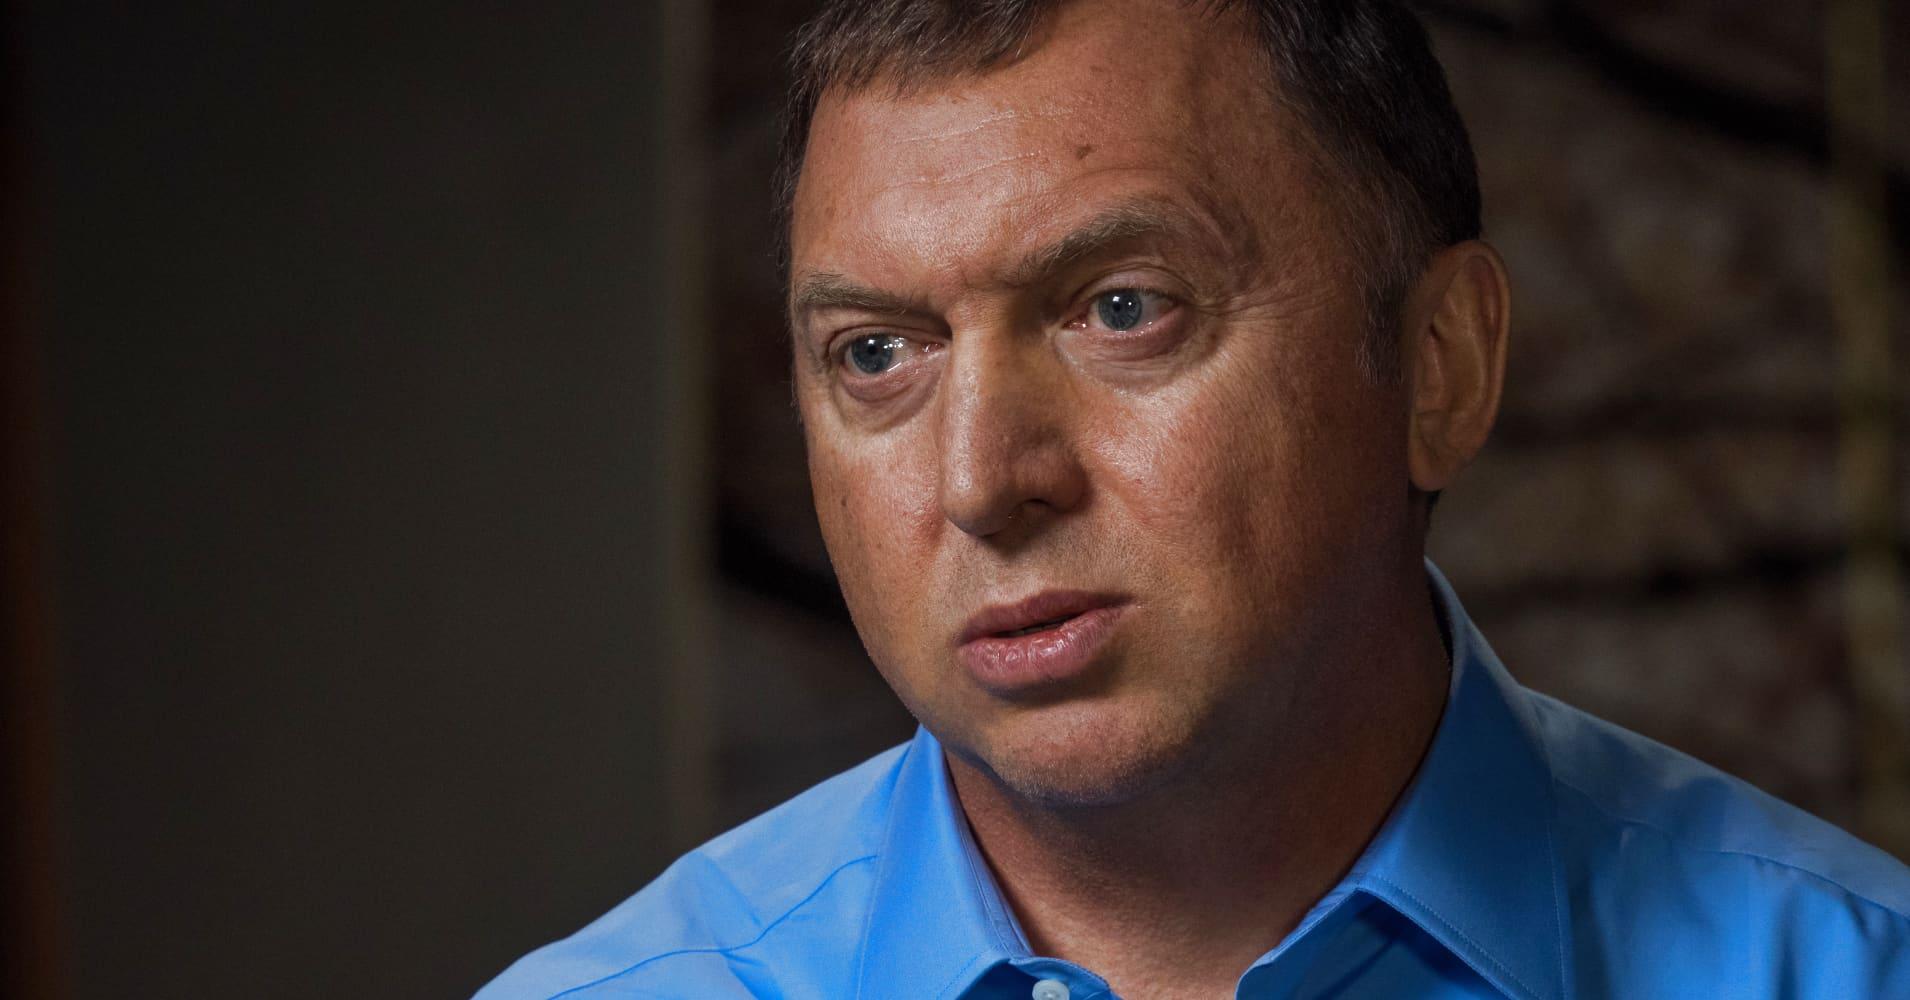 Oleg Deripaska calls allegations over ties with Paul Manafort 'very absurd'